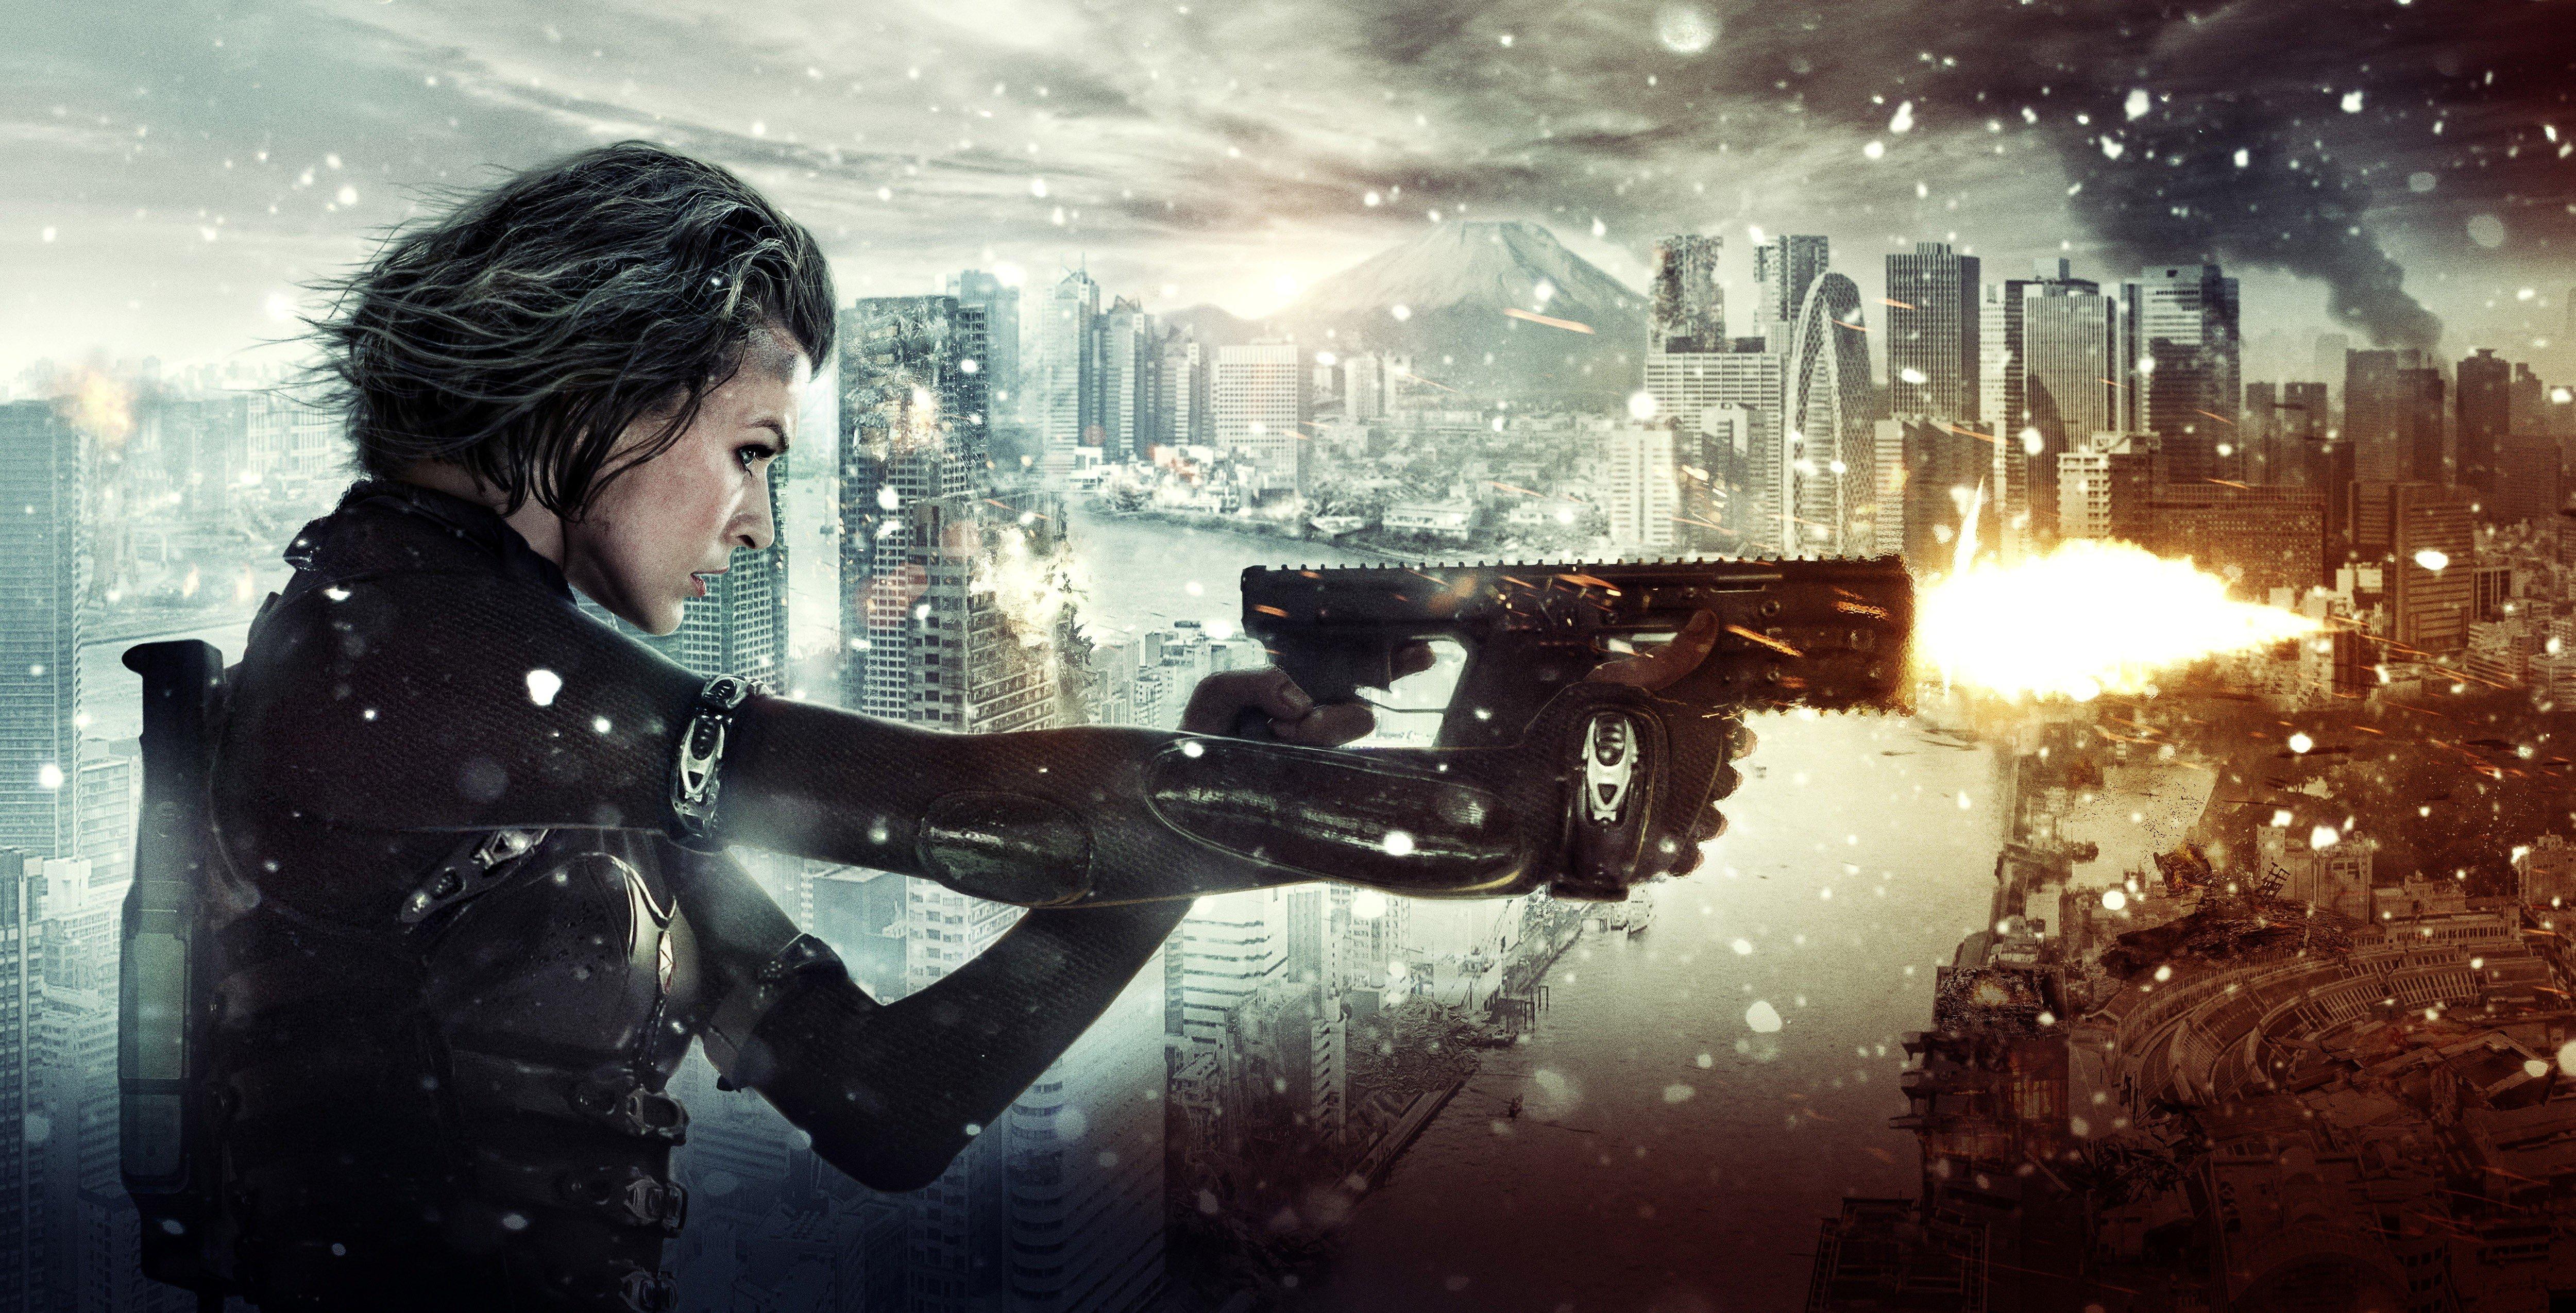 Новая часть Resident Evil оказалась немного необычной, относительно большинства других фильмов. Её предрелизный трей ... - Изображение 1